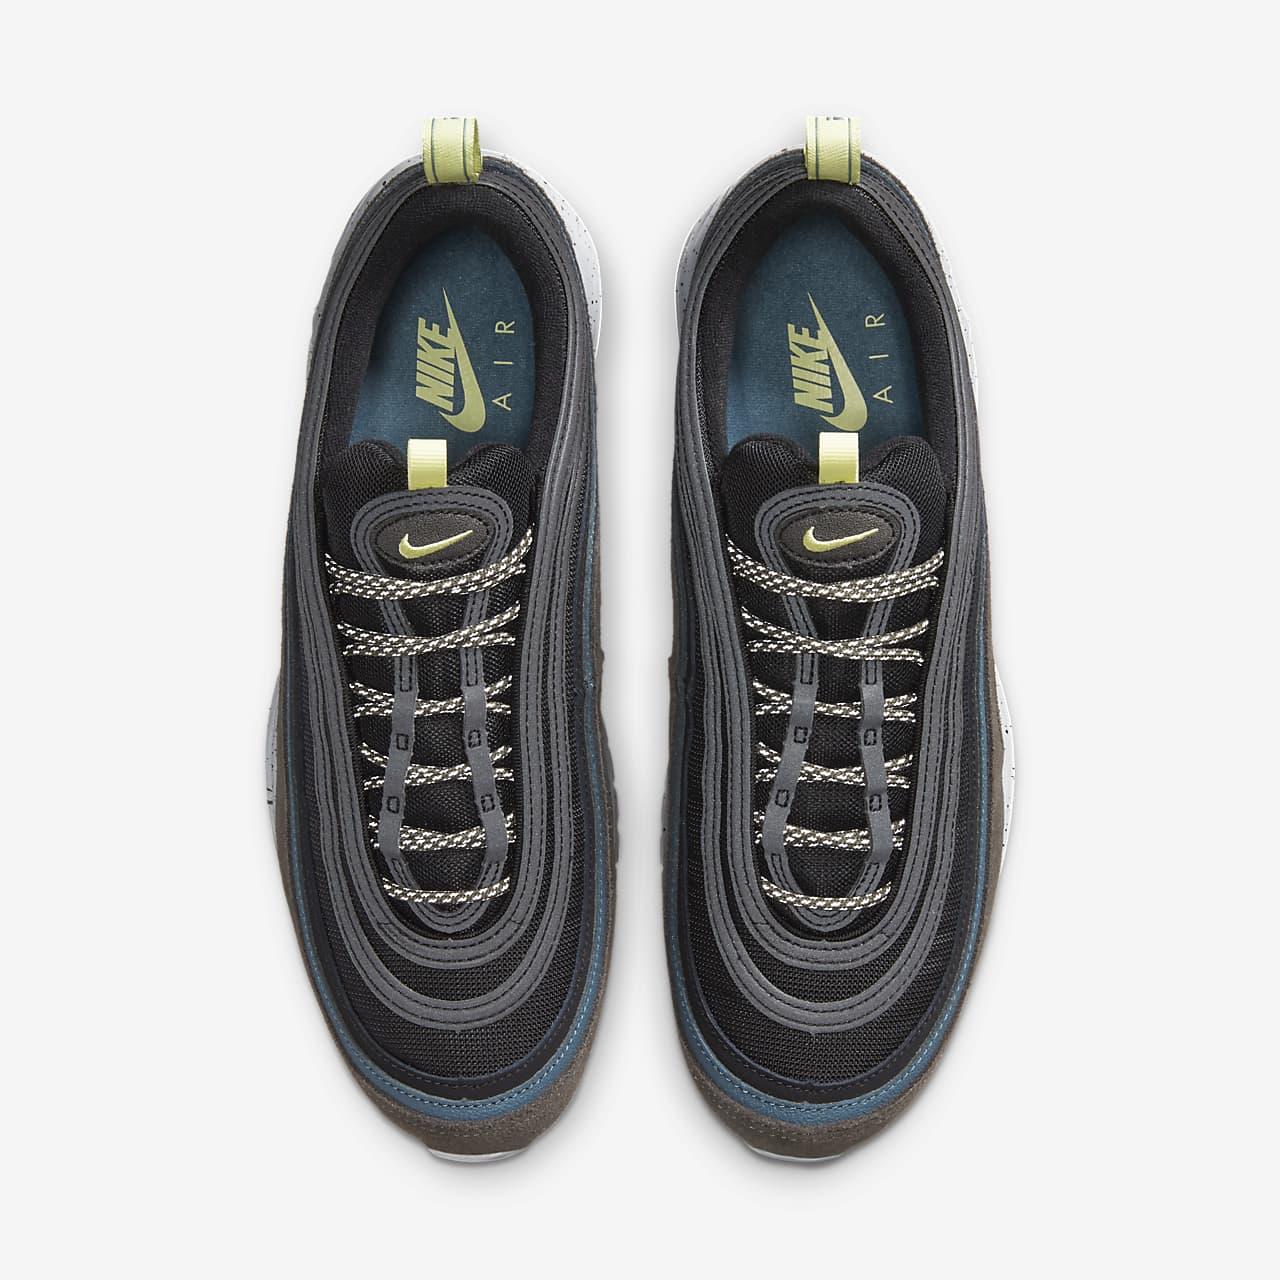 유럽직배송 나이키 NIKE Nike Air Max 97 Men's Shoe DB4611-001